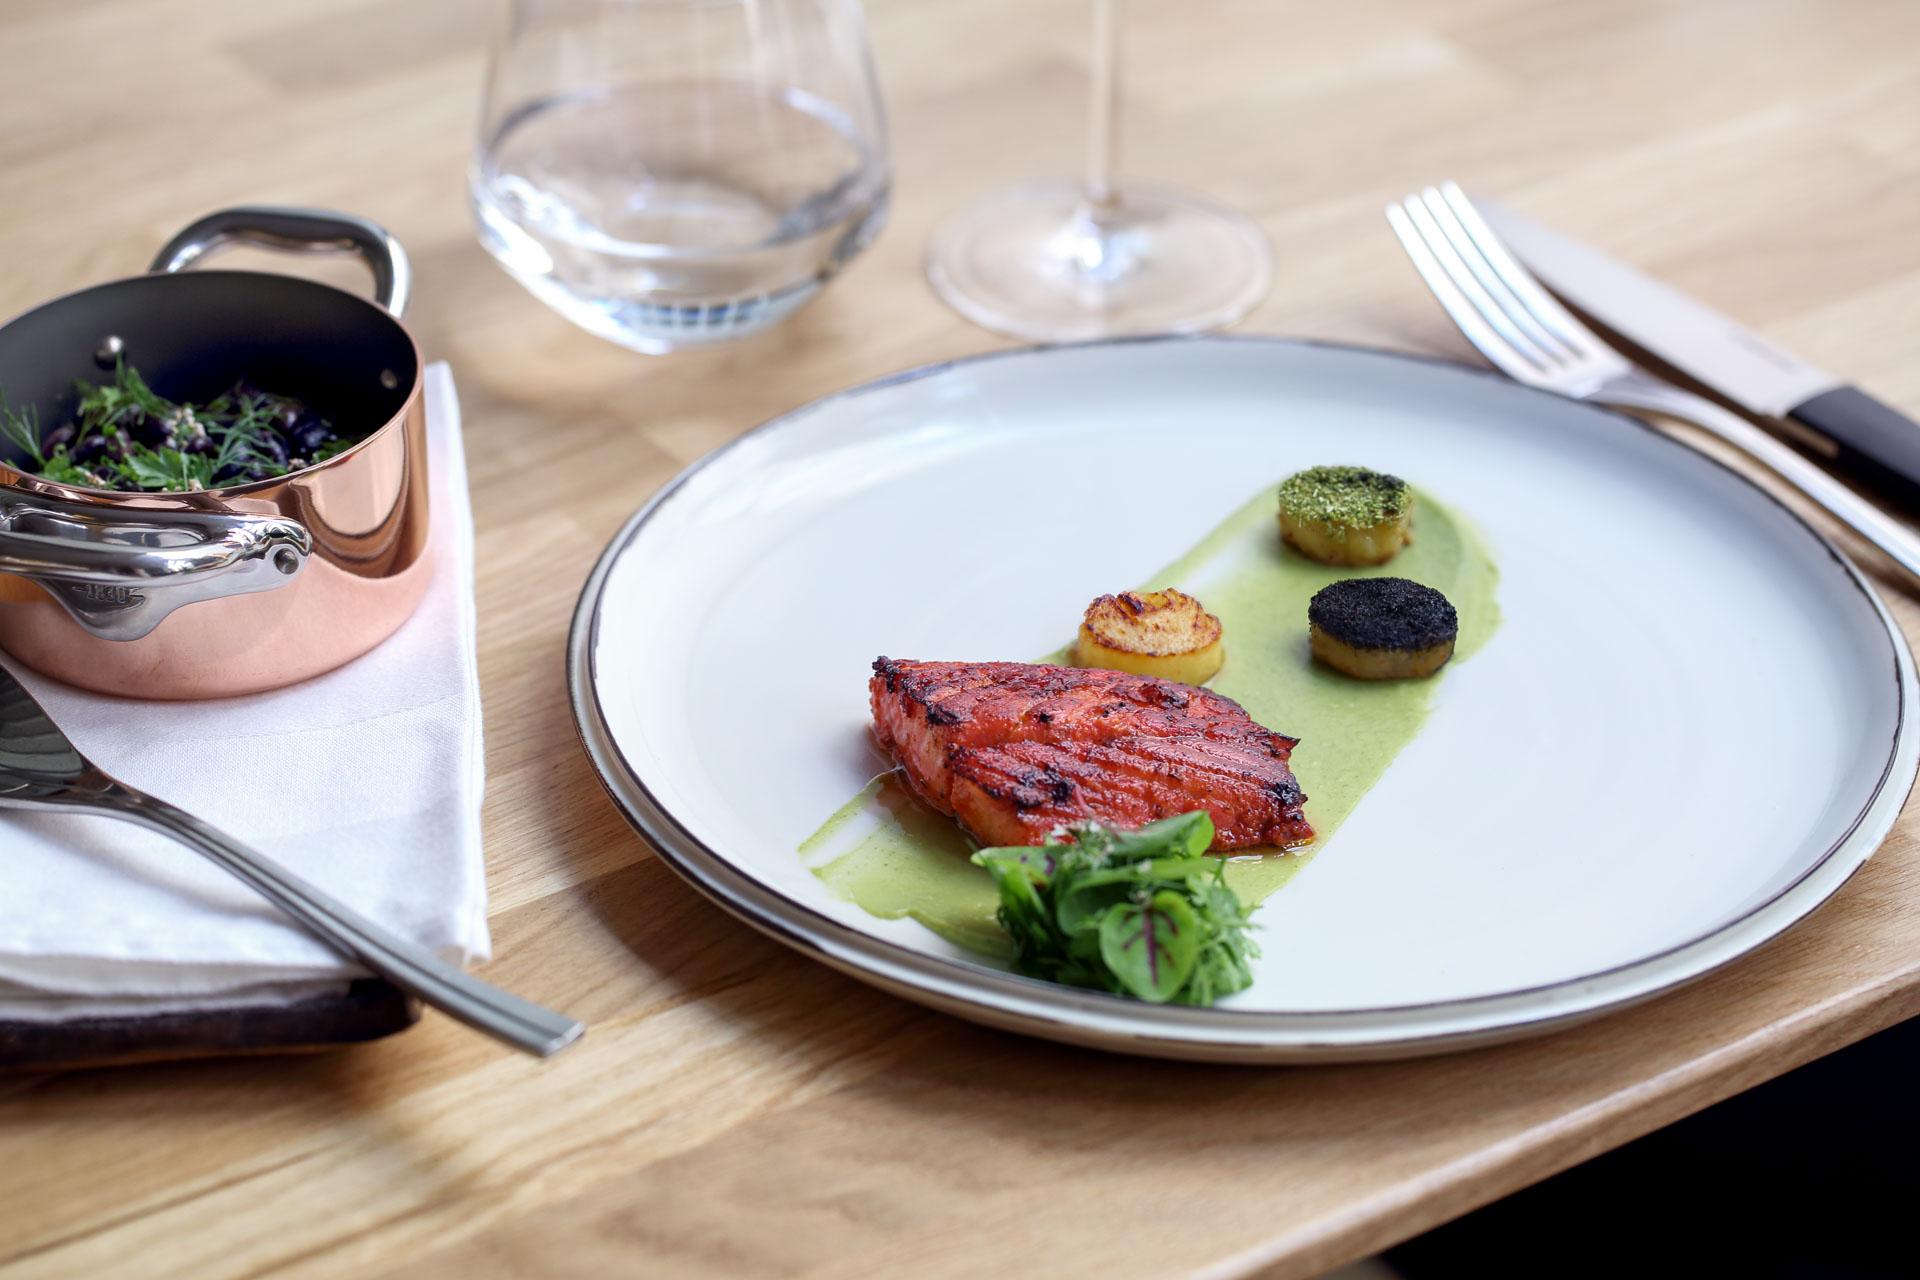 Depuis le 1er septembre, le jeune chef mexicaine Indra Carillo propose à La Condesa, son premier restaurant, une grande cuisine, mélangeant allègrement inspirations françaises et influences internationales. C'est la sensation gastronomique du moment.